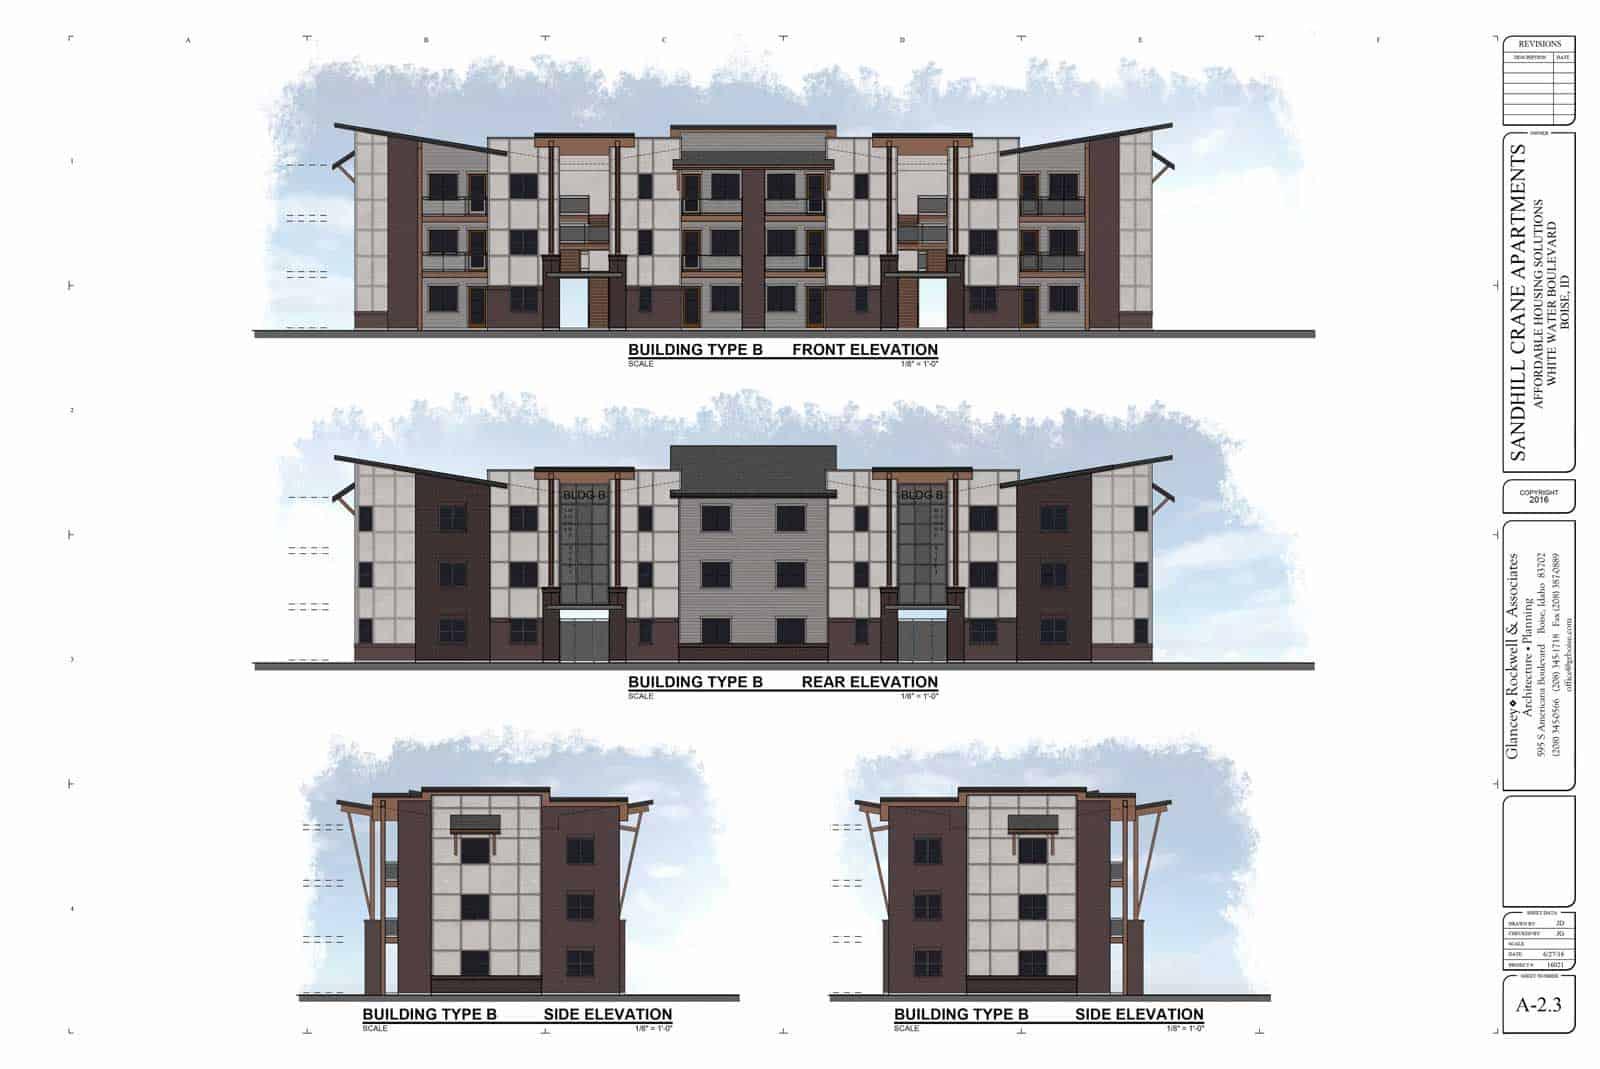 Sandhill Crane Development Update